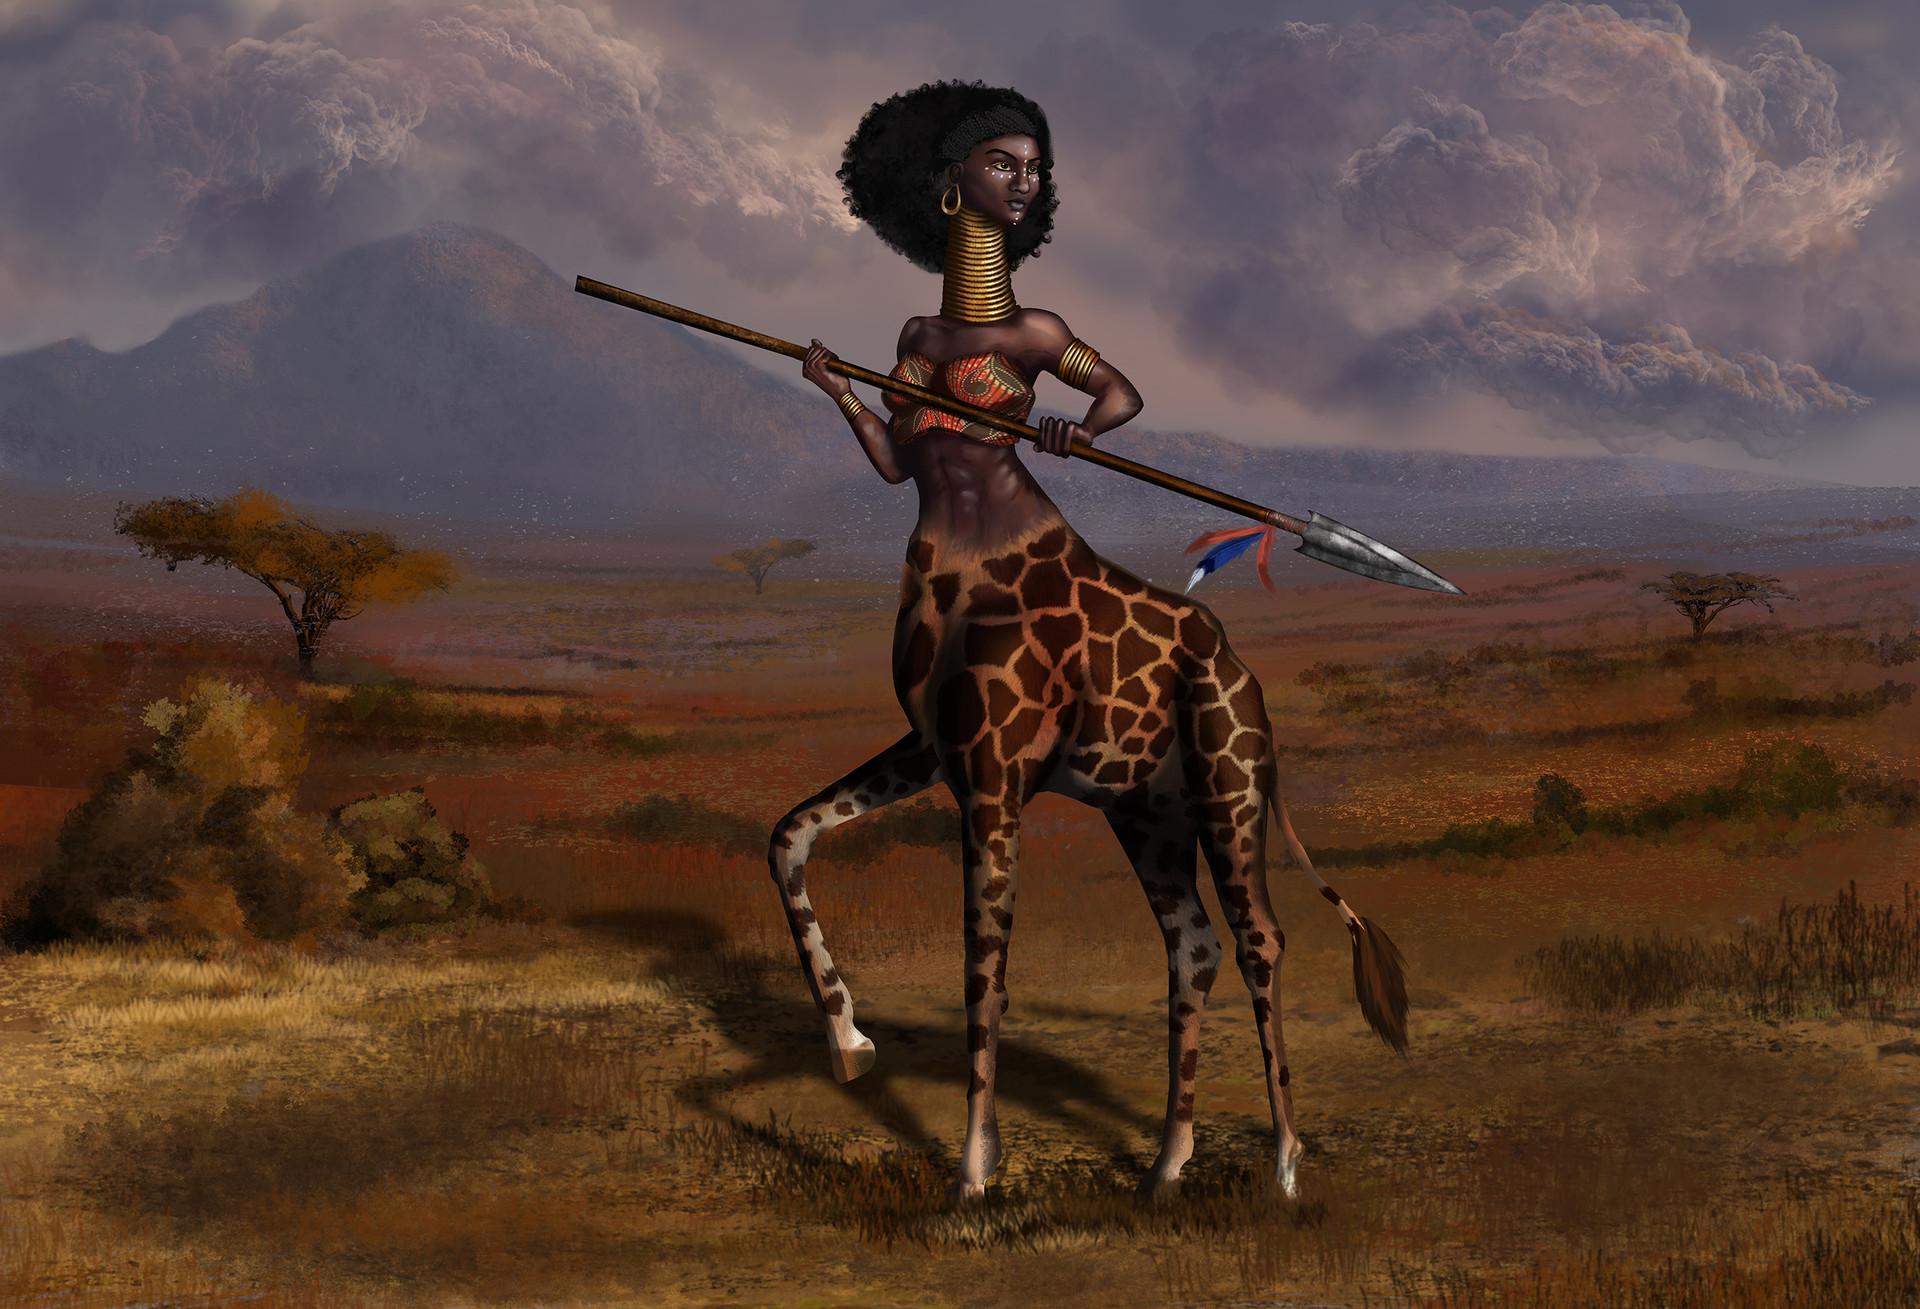 Joanna efenberger giraffe centaur